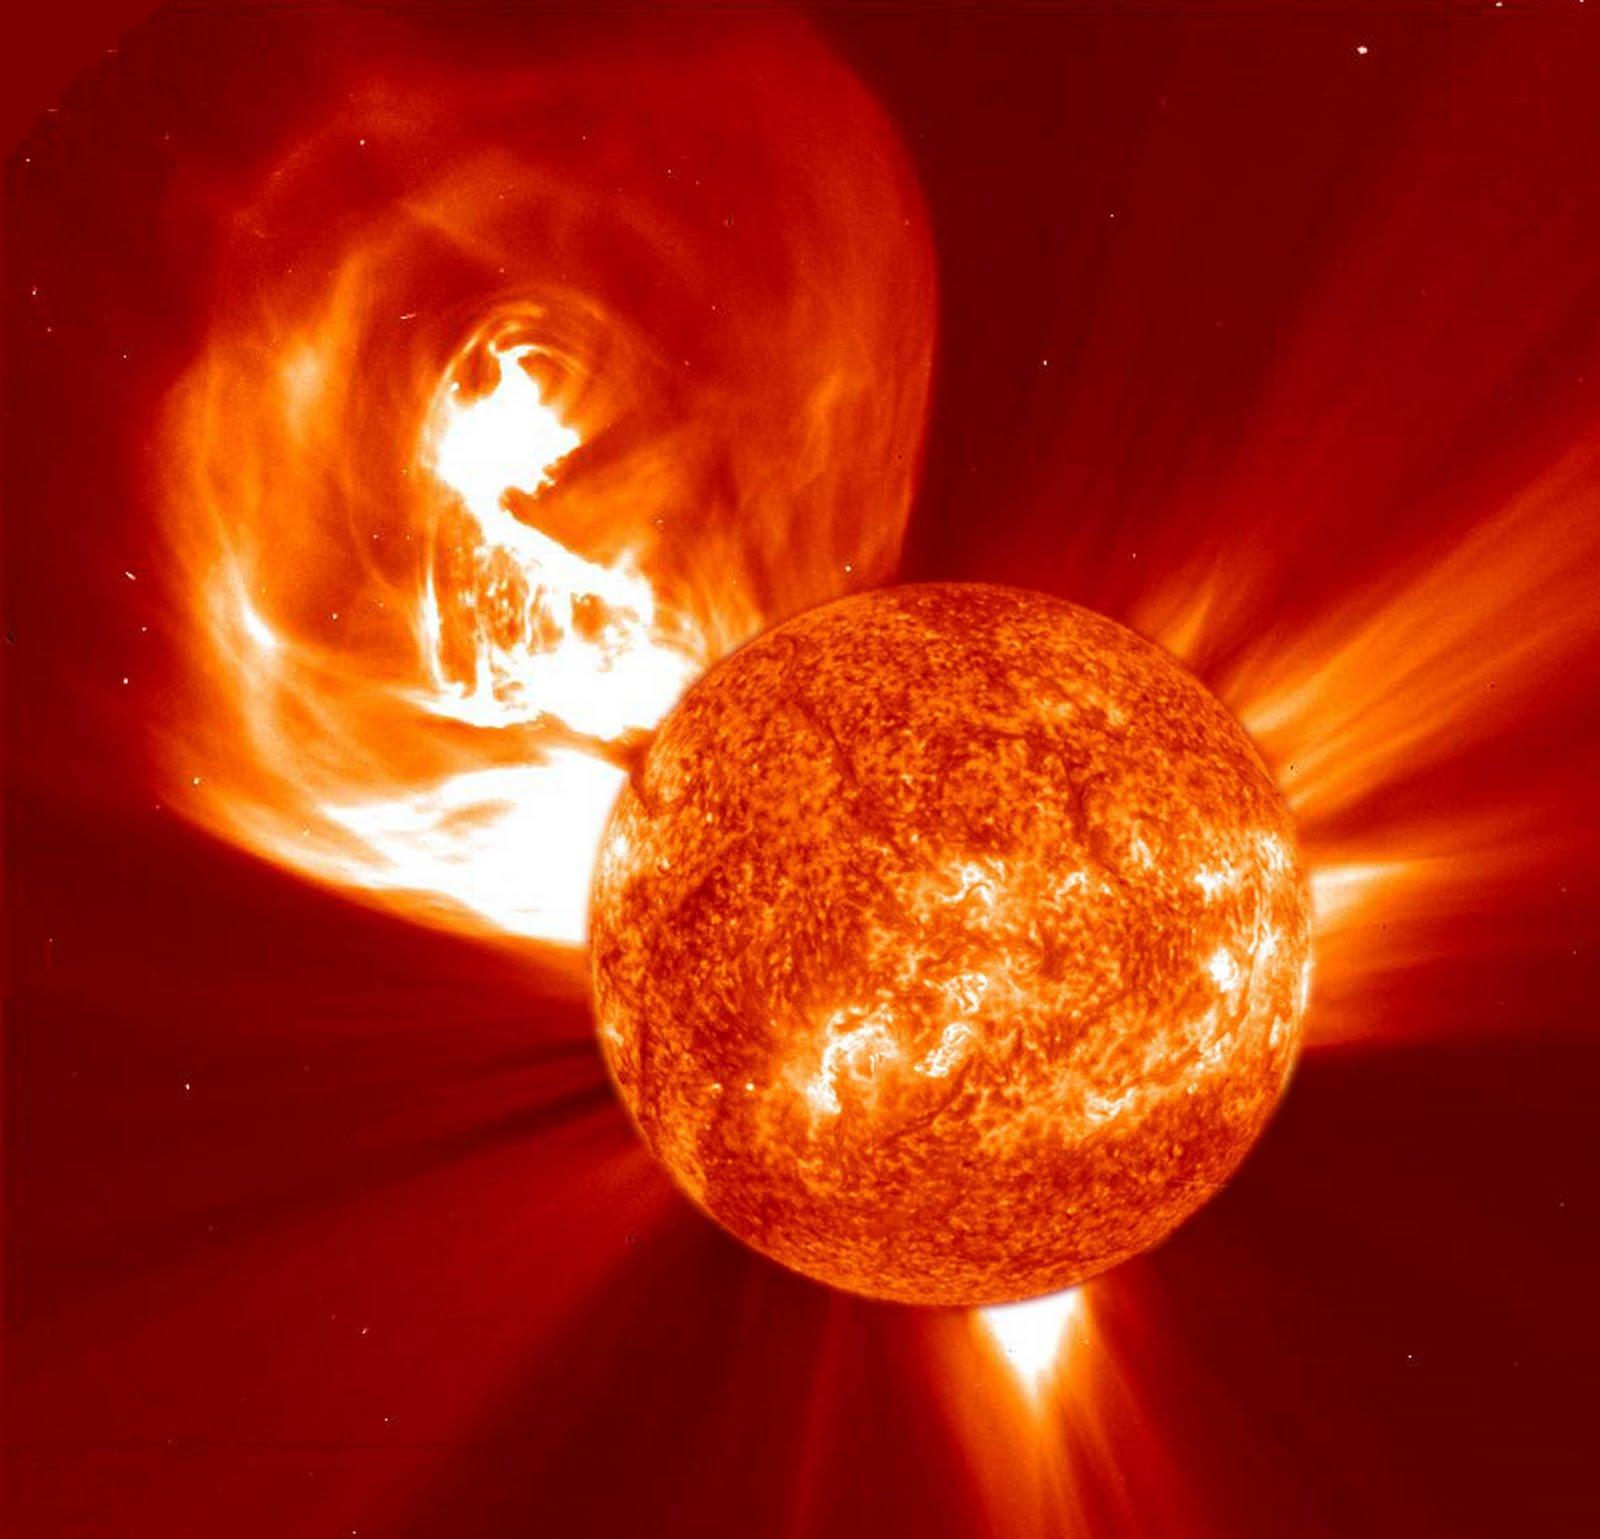 http://1.bp.blogspot.com/-euH1YQA7rz0/TV1PMSGkarI/AAAAAAAAGmk/UBu8rUdUqMU/s1600/sun.jpg